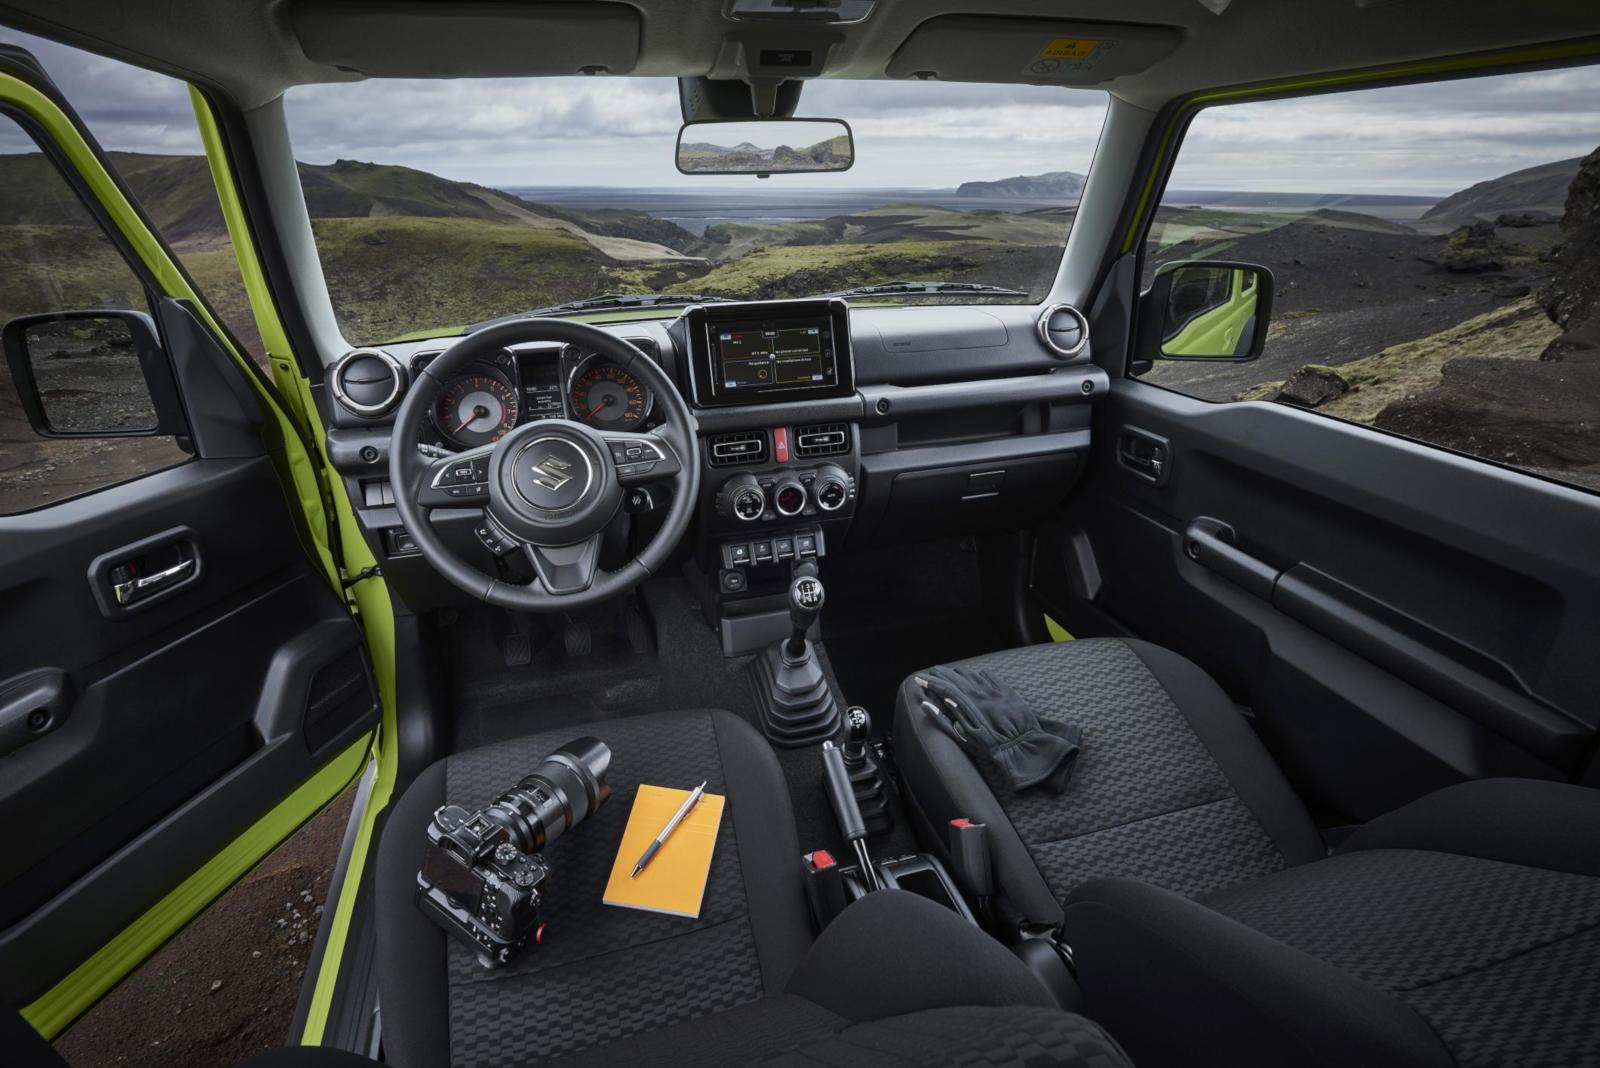 Suzuki Jimny 2018 - No-Nonsens-Innenraum.